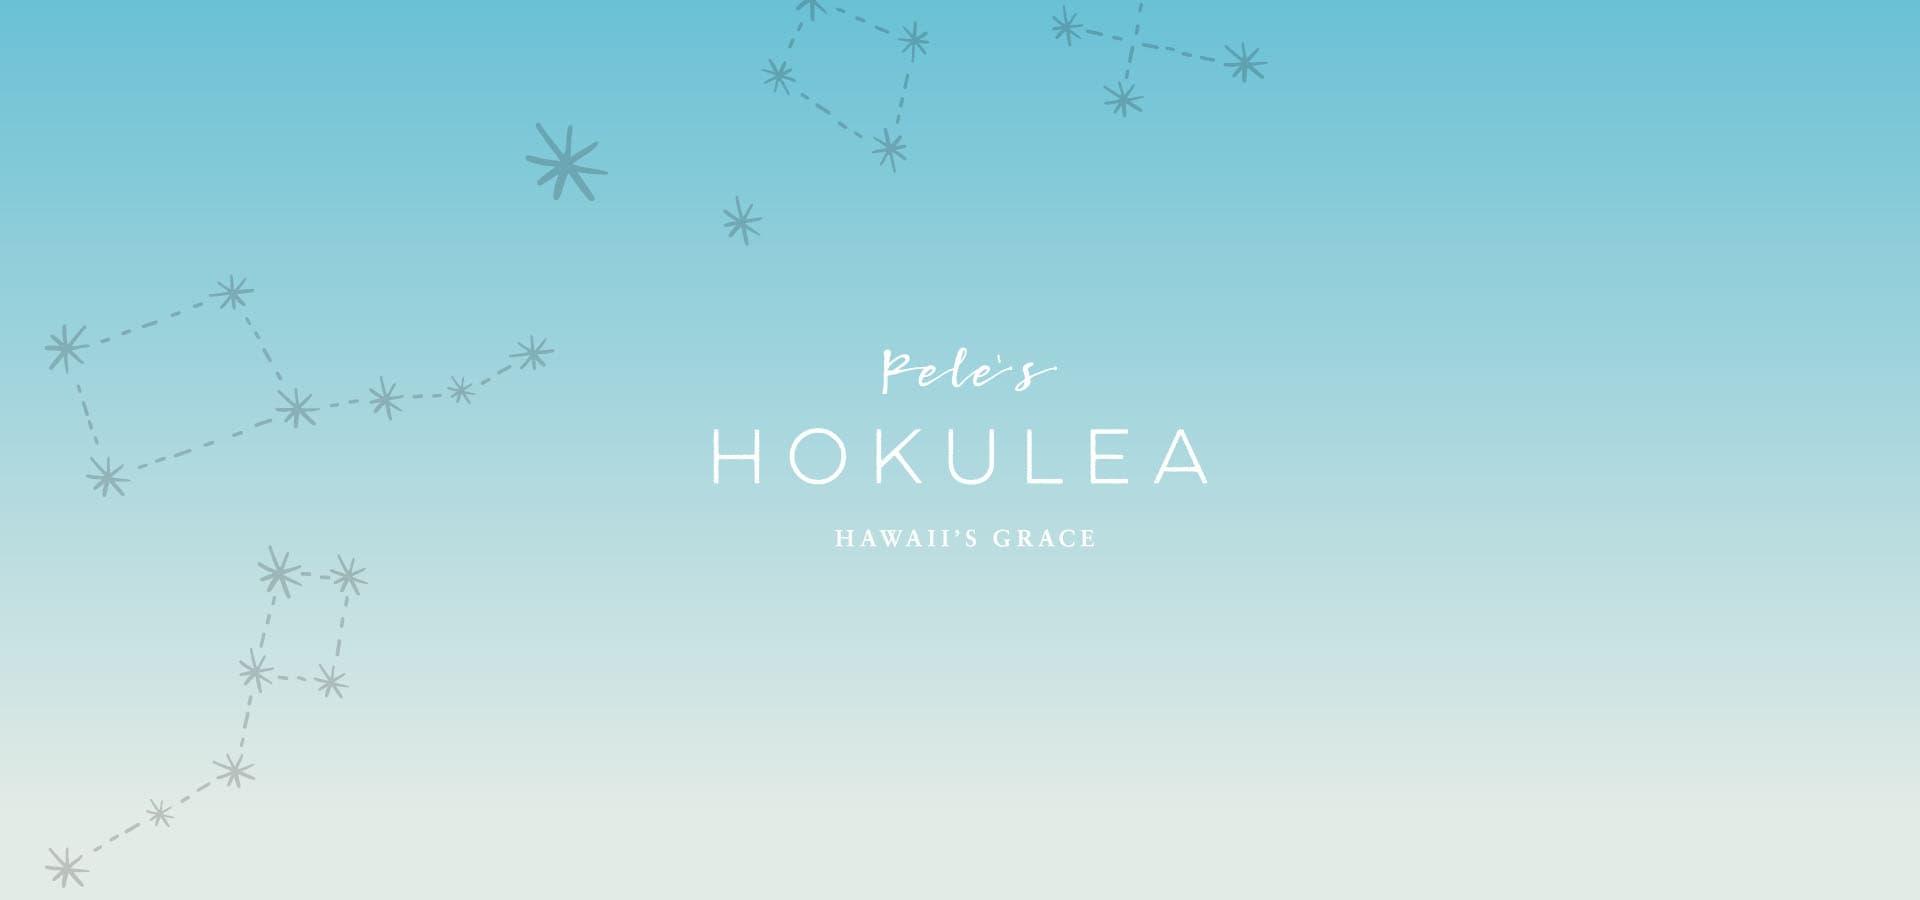 Pele's Hokulea Brand Visual